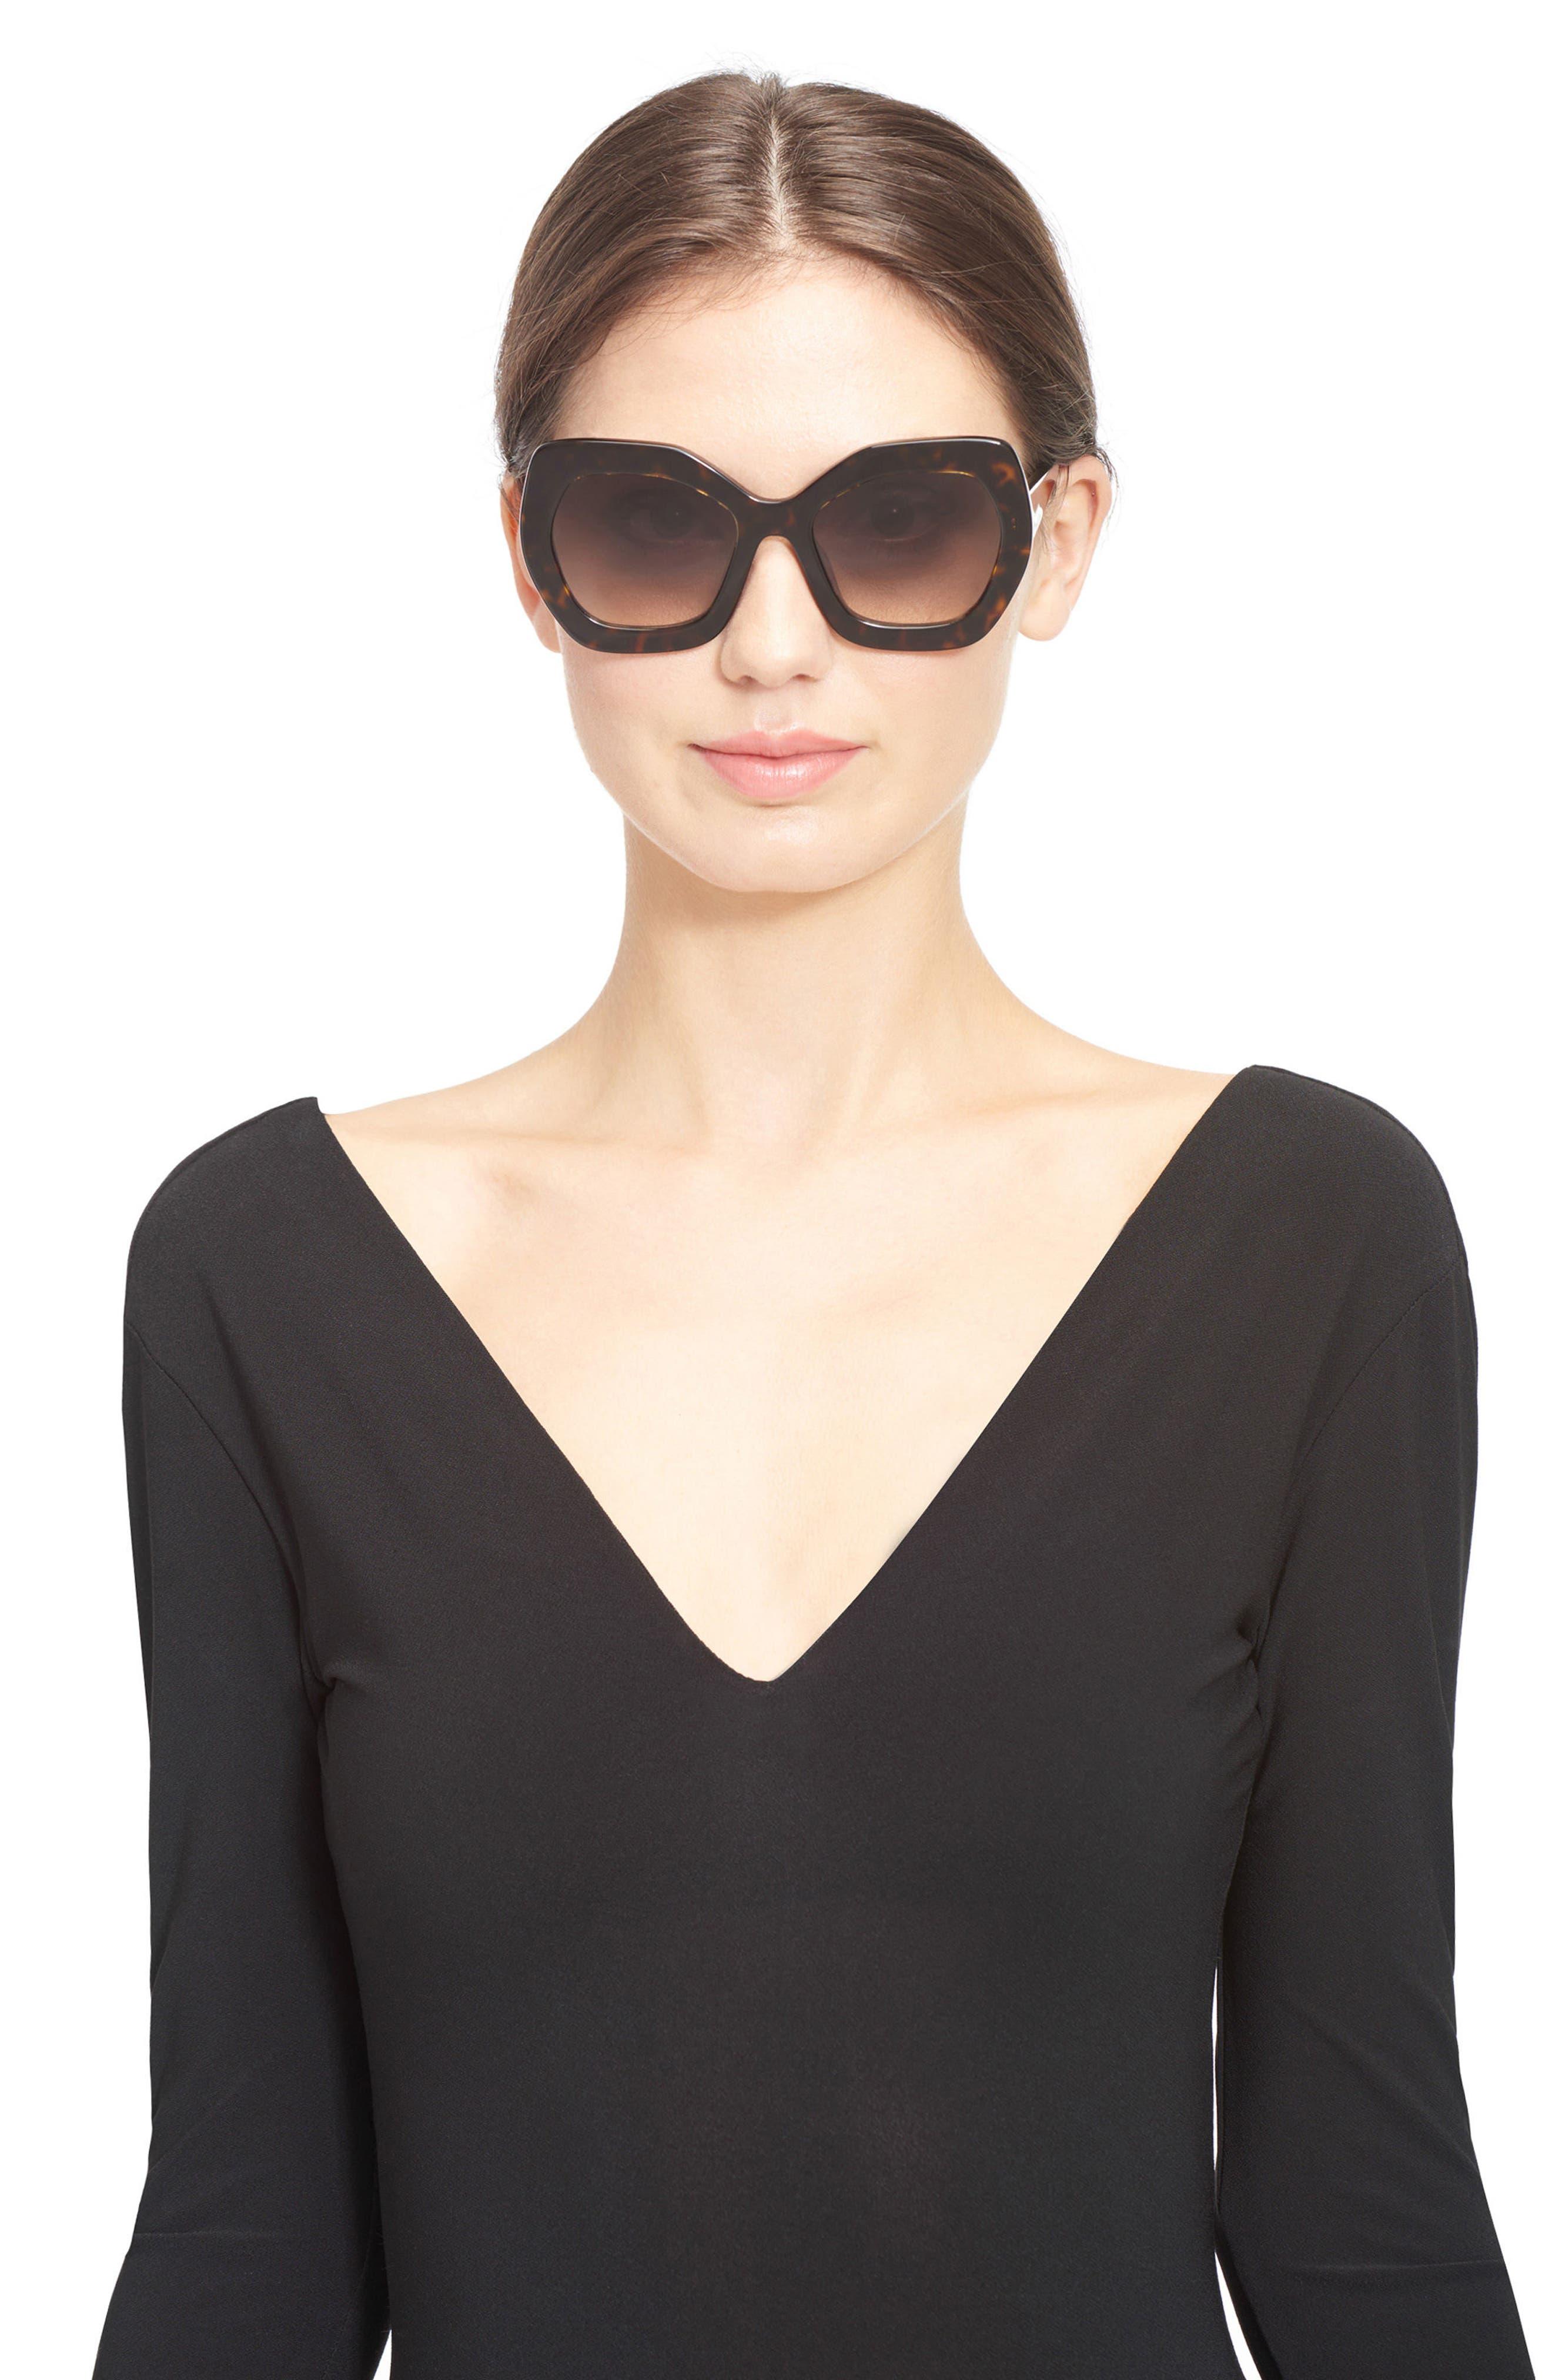 Dinah 55mm Butterfly Sunglasses,                             Alternate thumbnail 3, color,                             Dark Tortoise